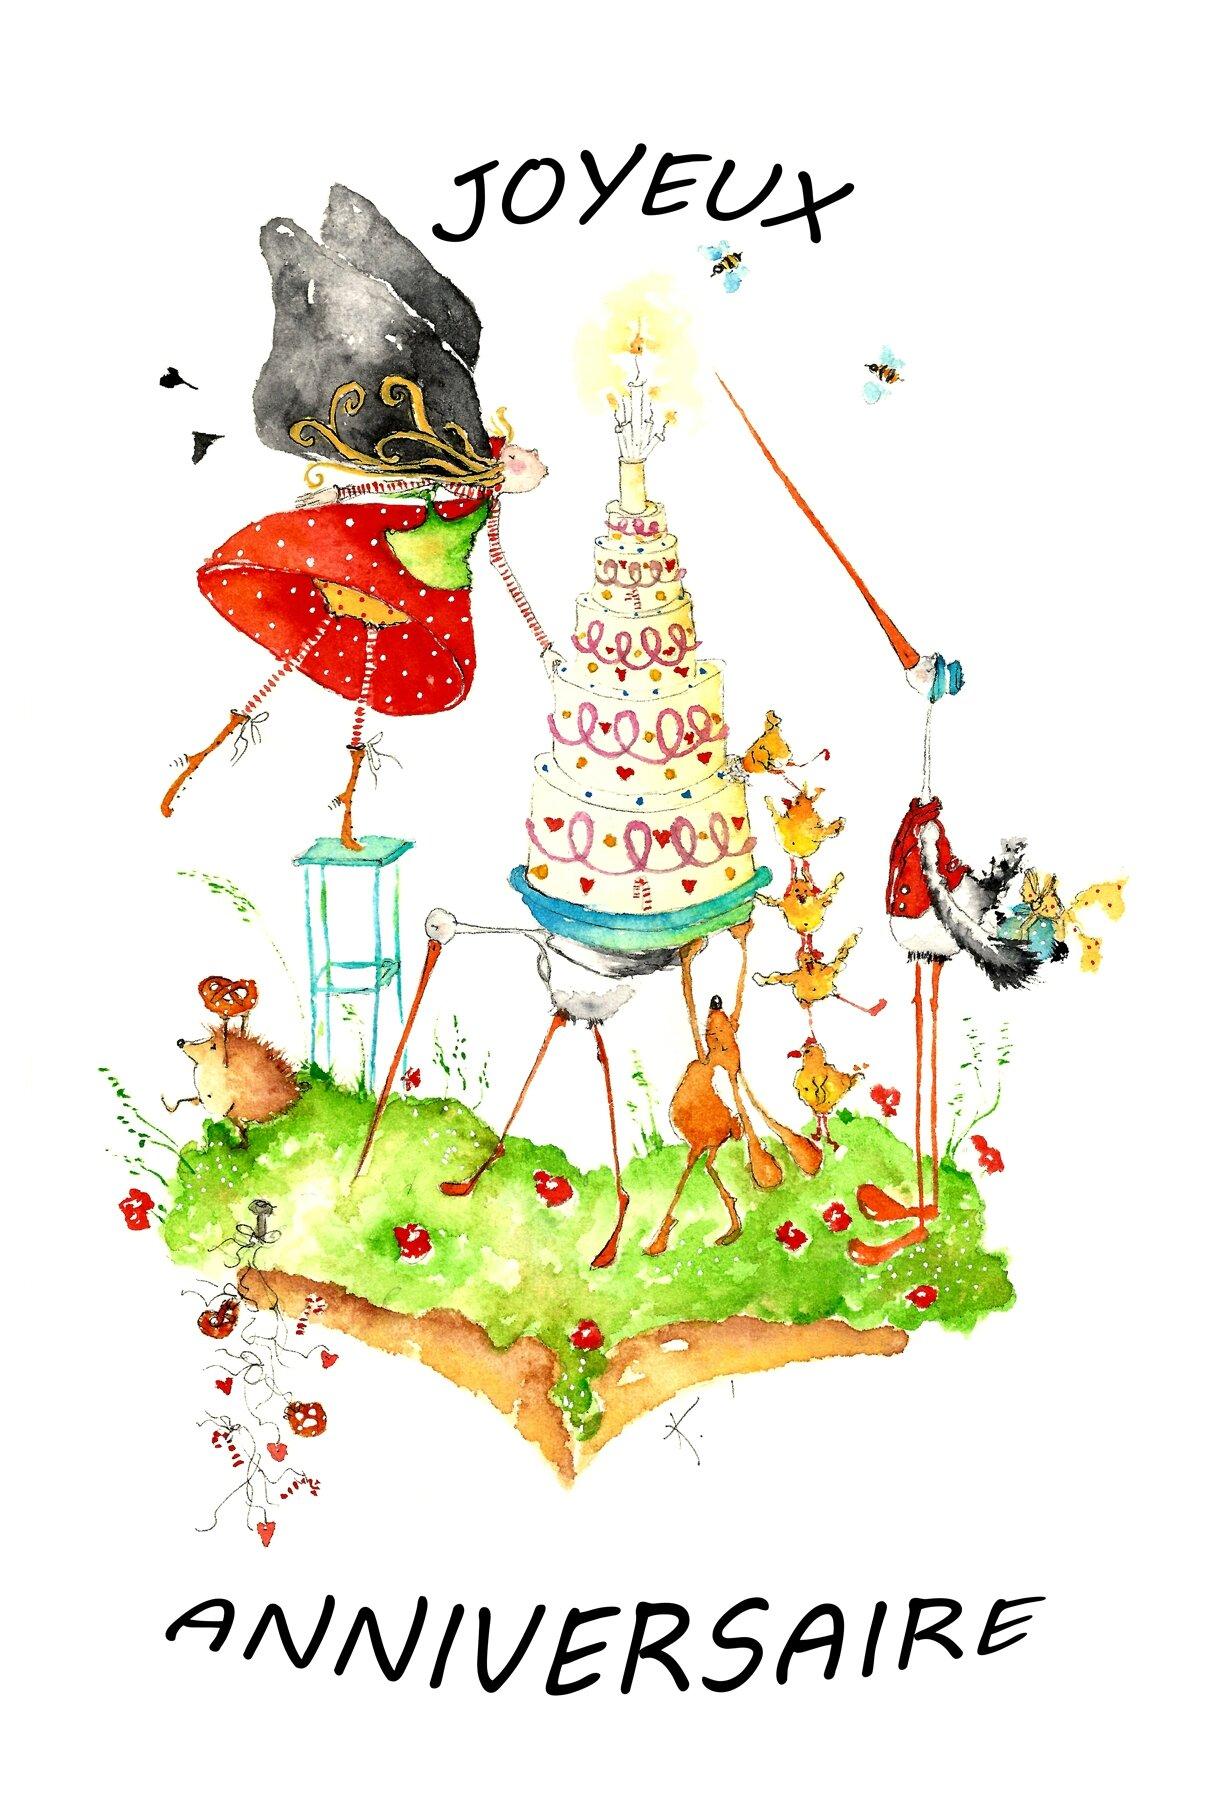 Joyeux Anniversaire Photo De Les Cartes Postales Krol Au Pays